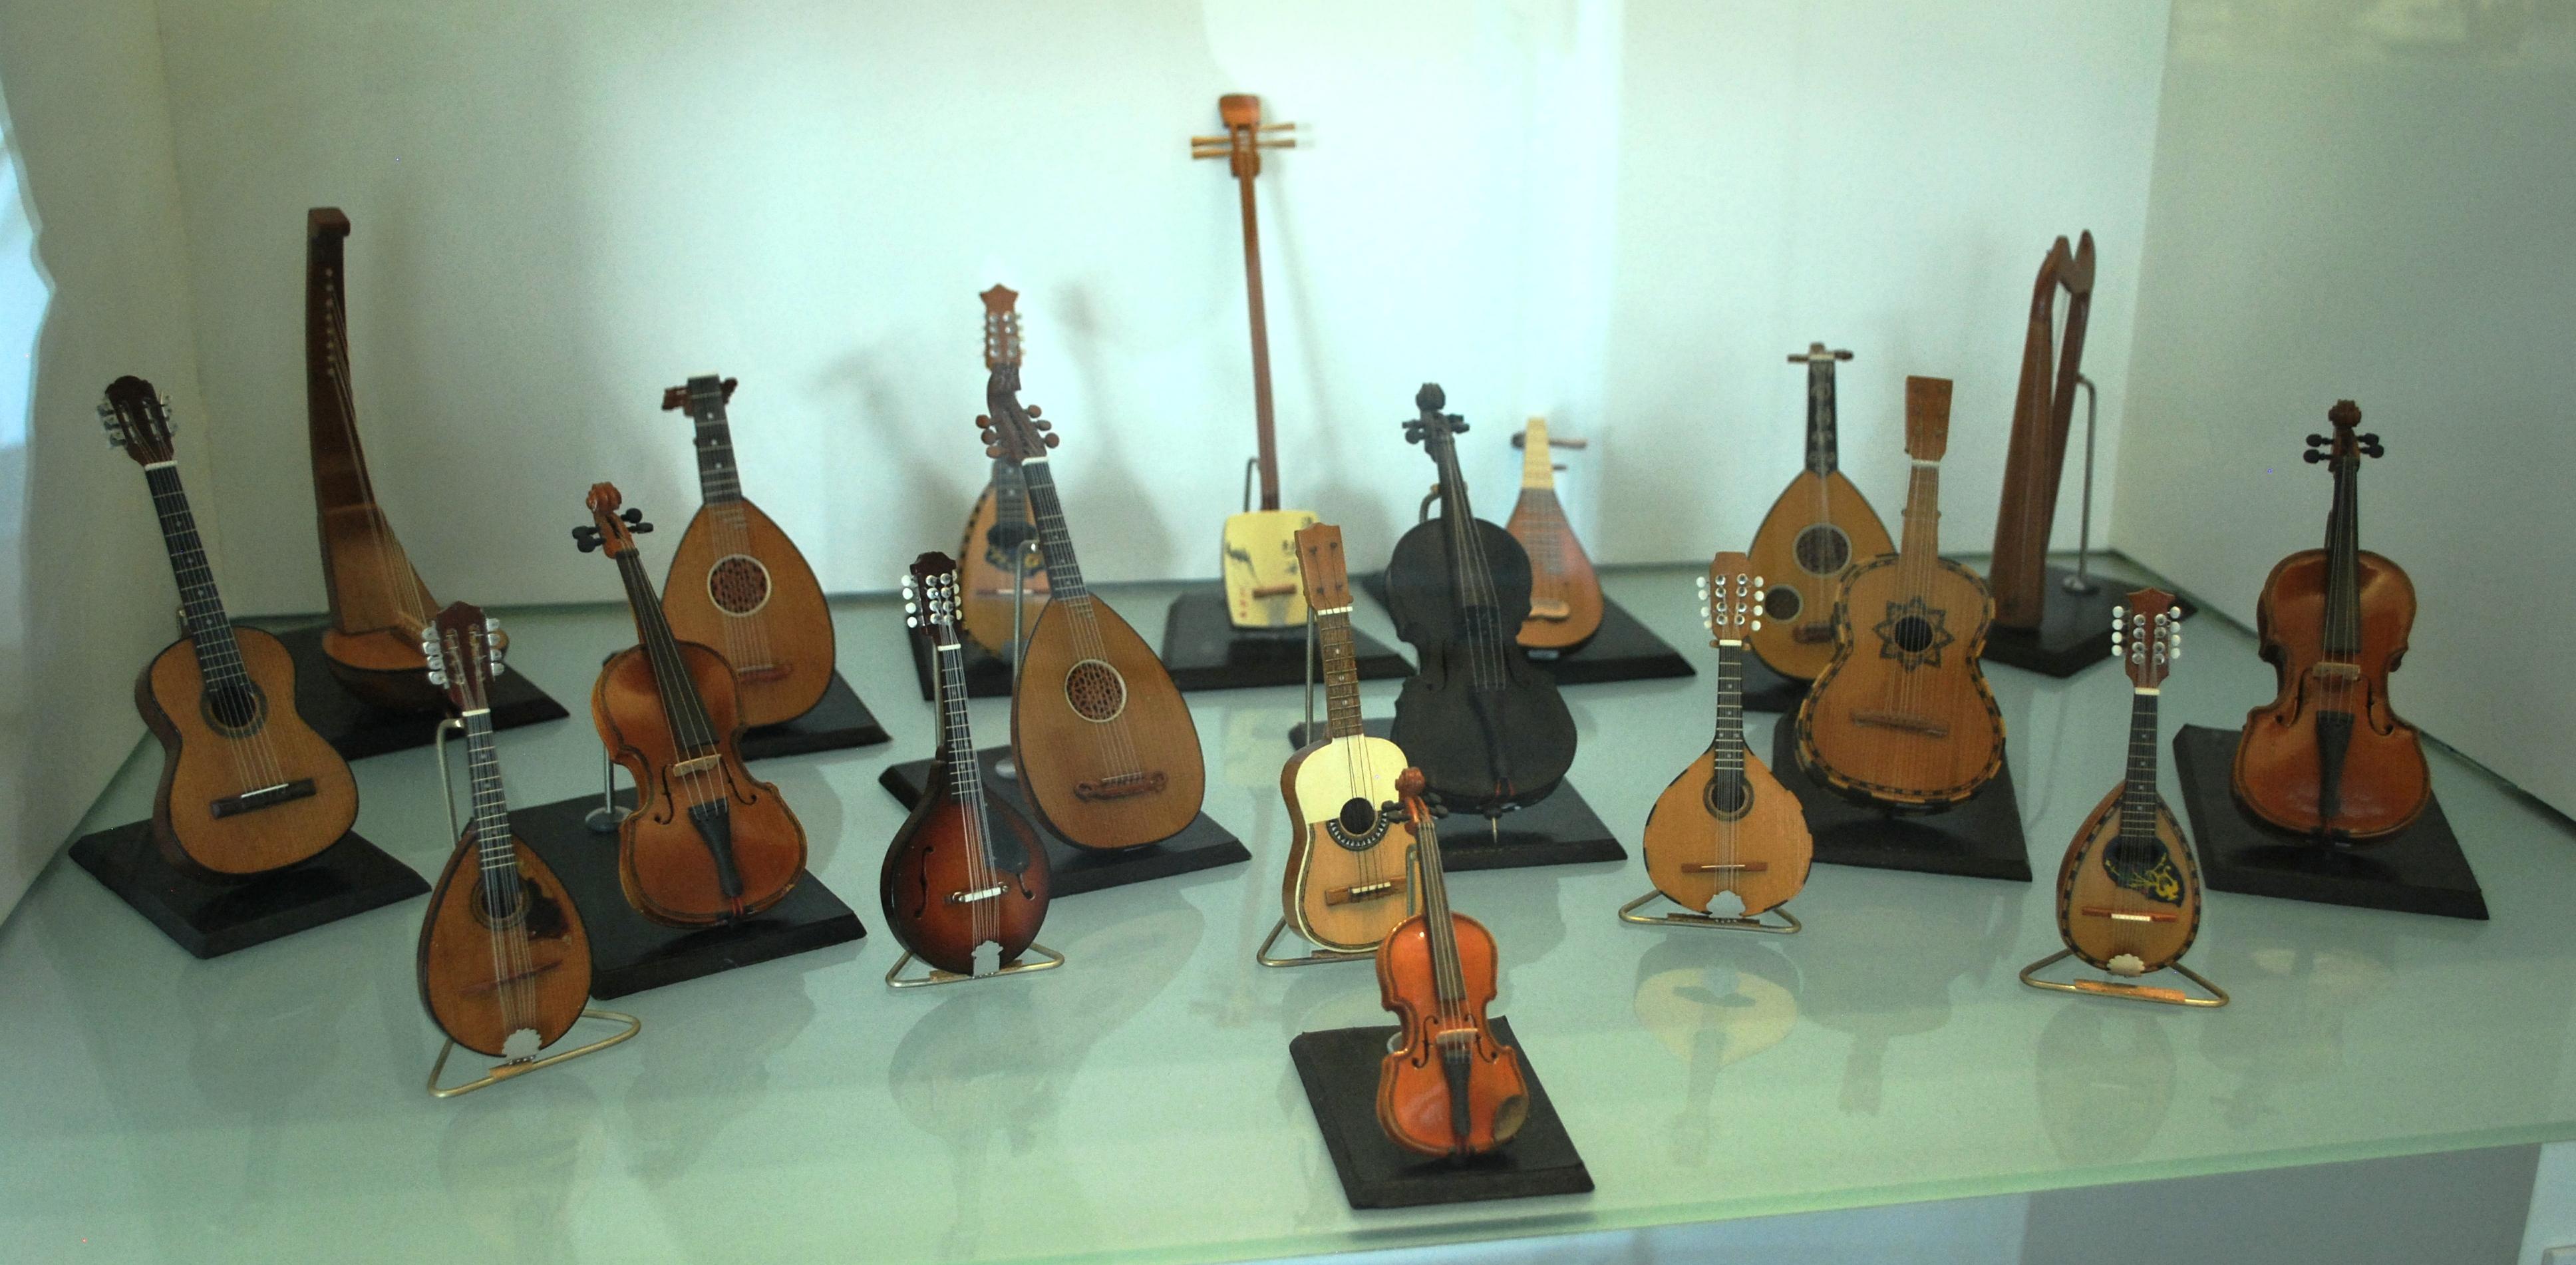 Depiction of Instrumento de cuerda